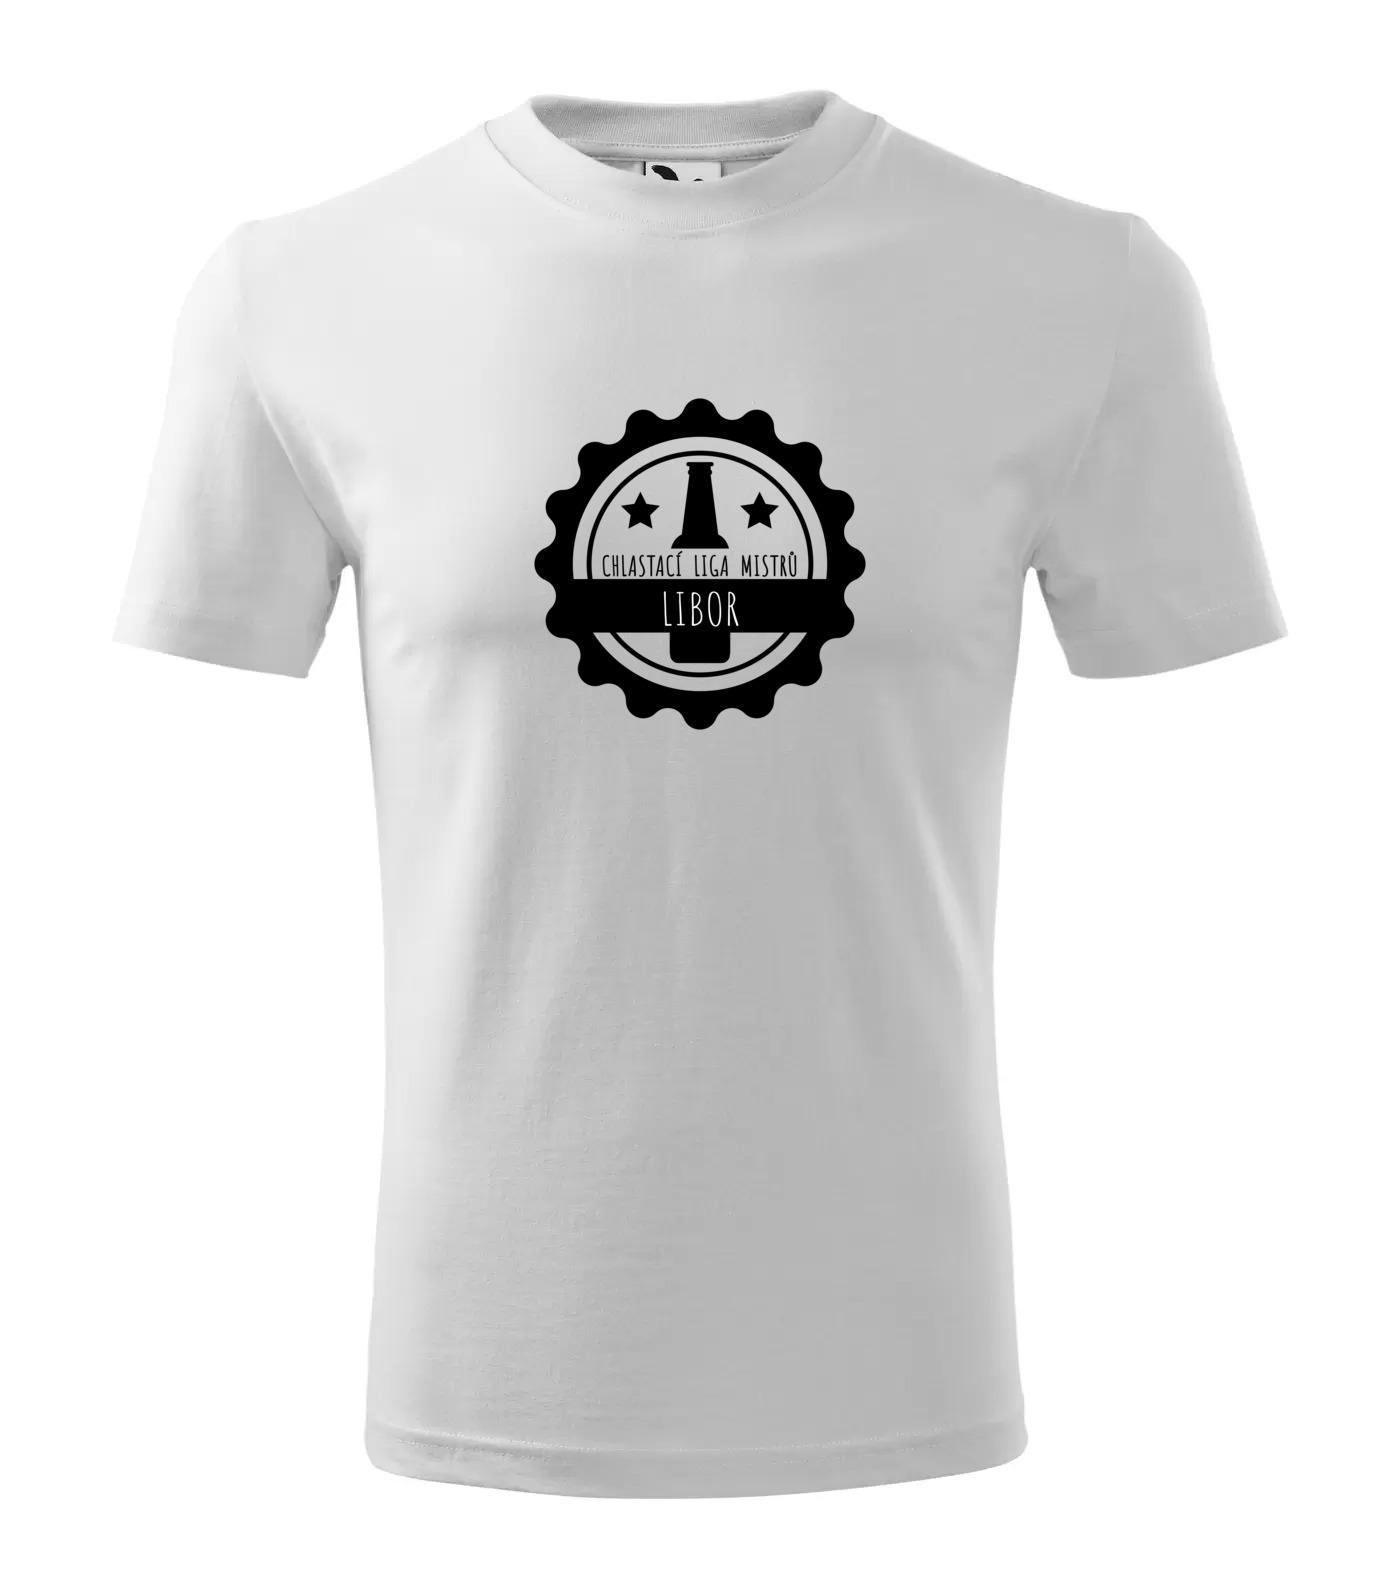 Tričko Chlastací liga mužů Libor